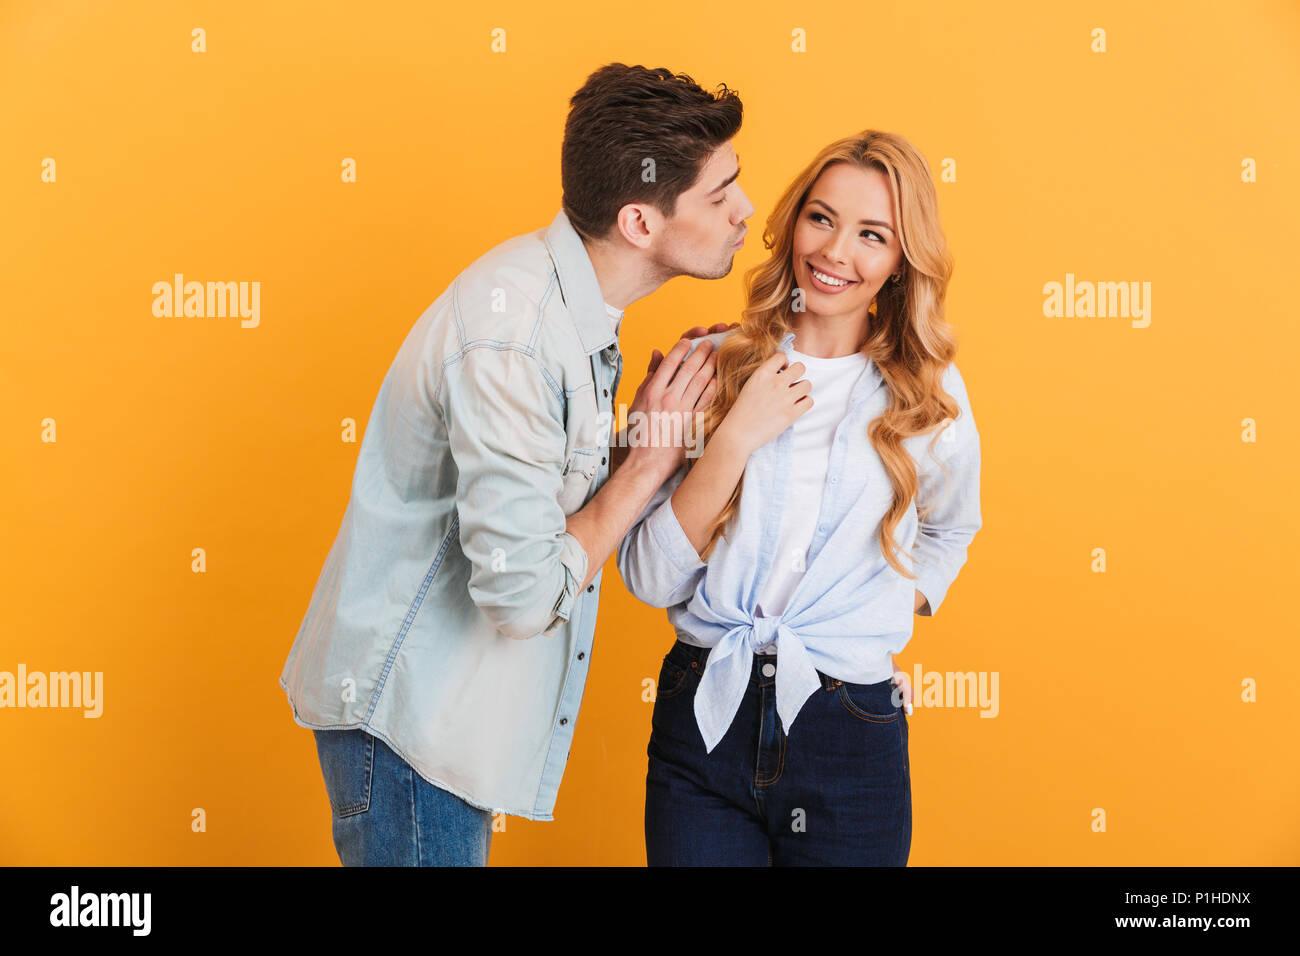 Image der jungen Menschen tragen Jeans Kleidung in Beziehung Liebe und Zuneigung, während Mann Frau Küssen auf die Wange über gelb Hinterg isoliert Stockbild